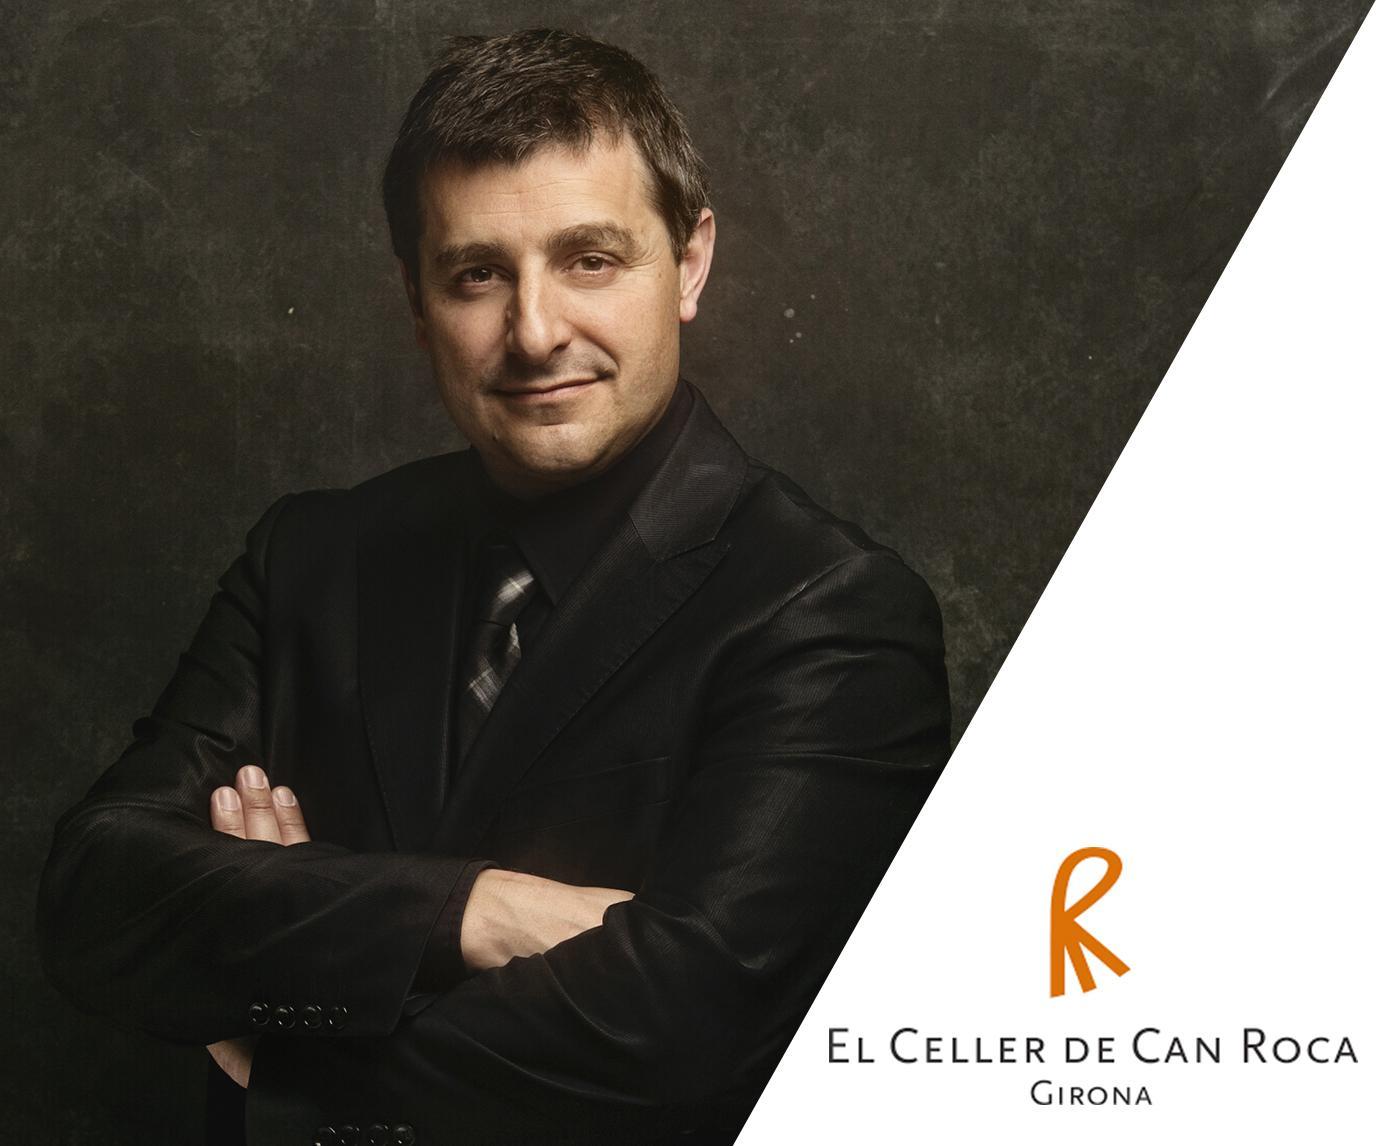 josep_roca_celler_can_roca